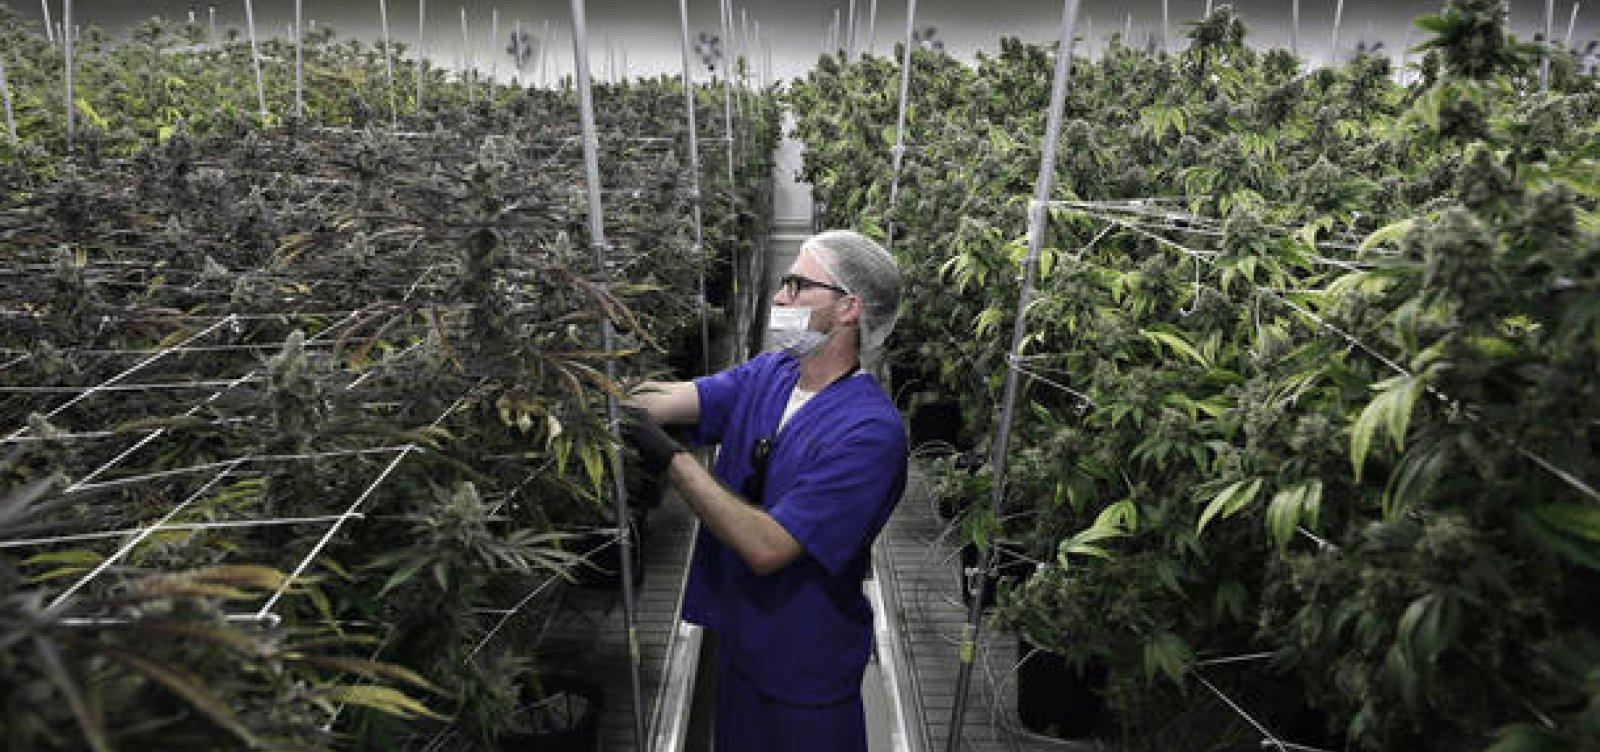 [Michigan aprova uso recreativo de maconha e se torna 10º Estado dos EUA a legalizar a erva]